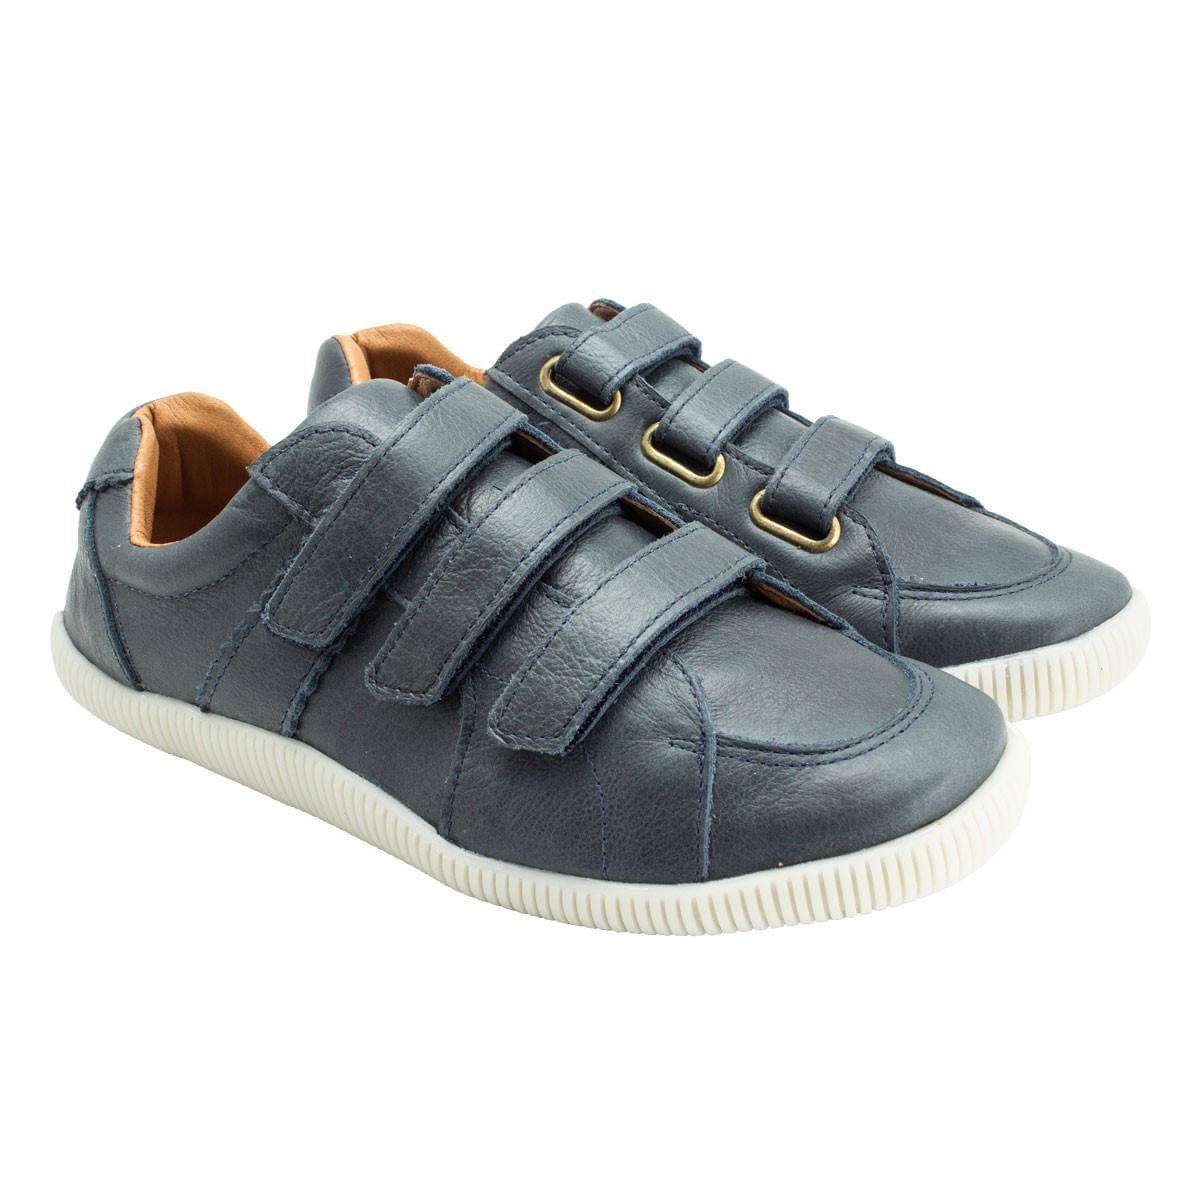 Sapatenis-Infantil-3-Velcros-Teen-Ludique-et-Badin--33-ao-37-